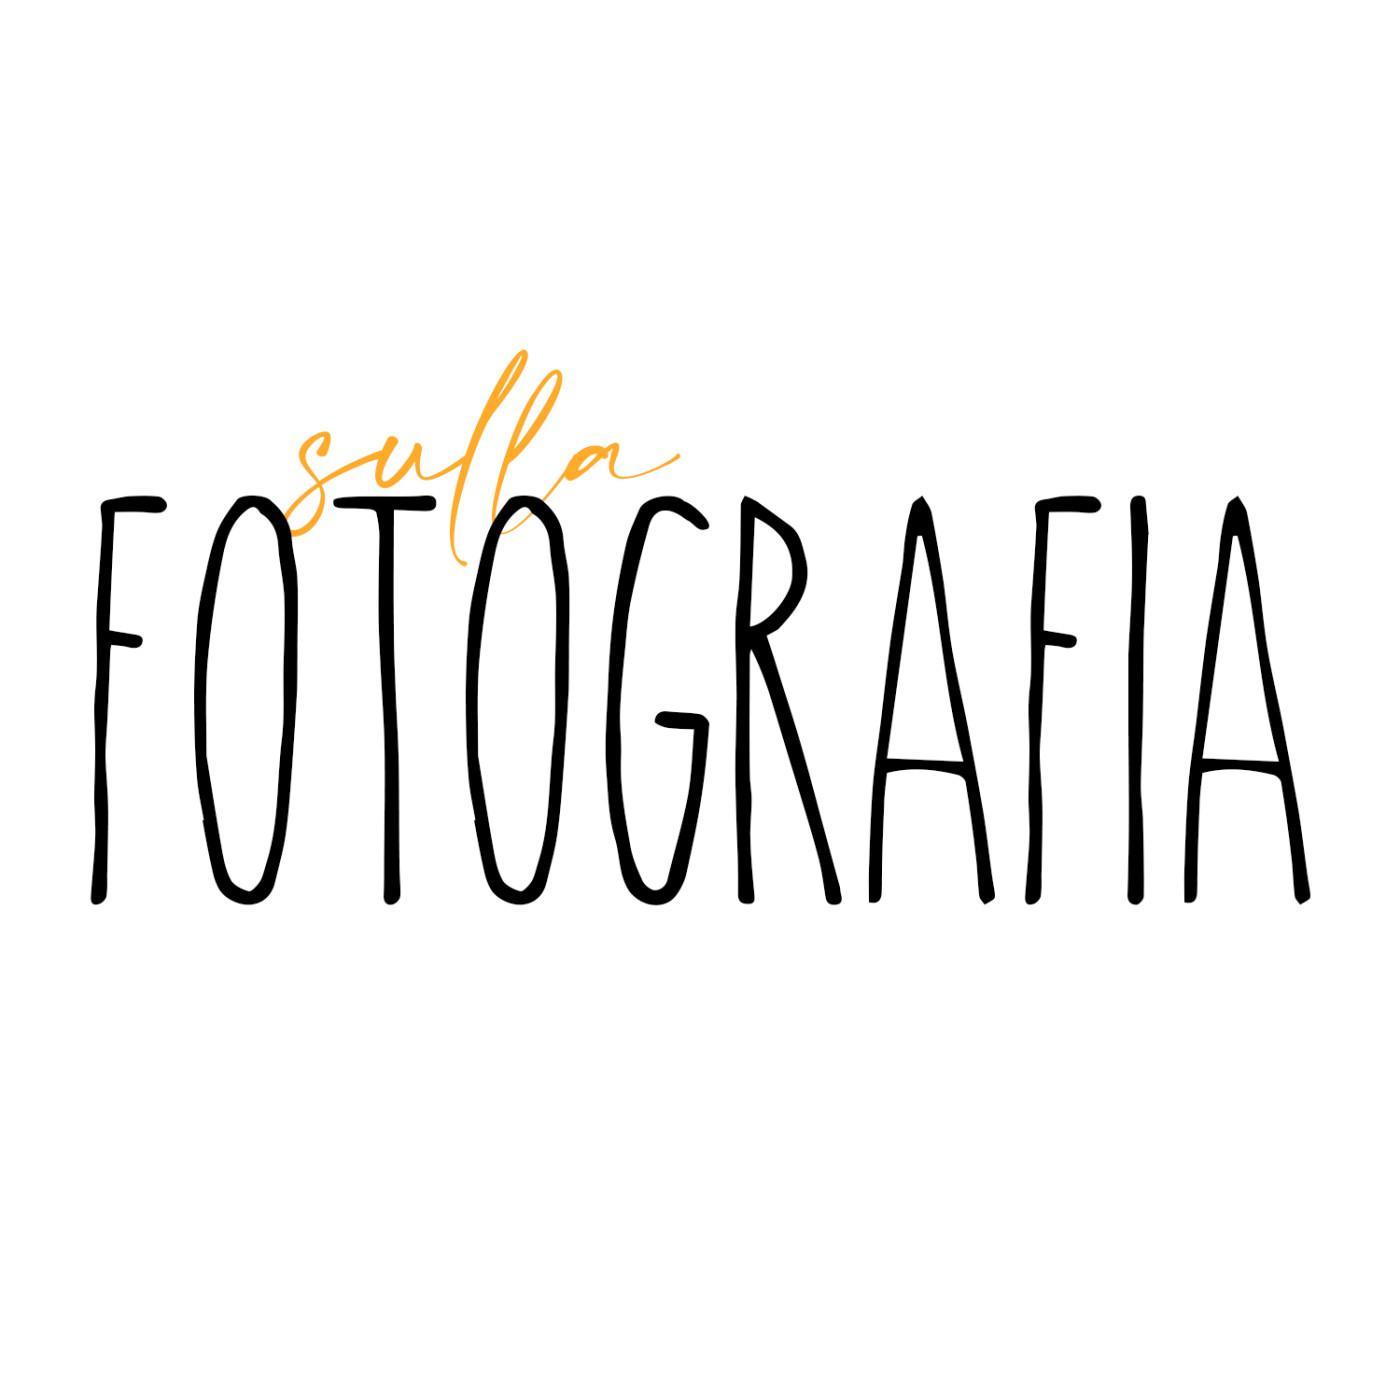 sulla fotografia e2ZoiQKfkAP 10 Podcast Italiani preferiti da ascoltare